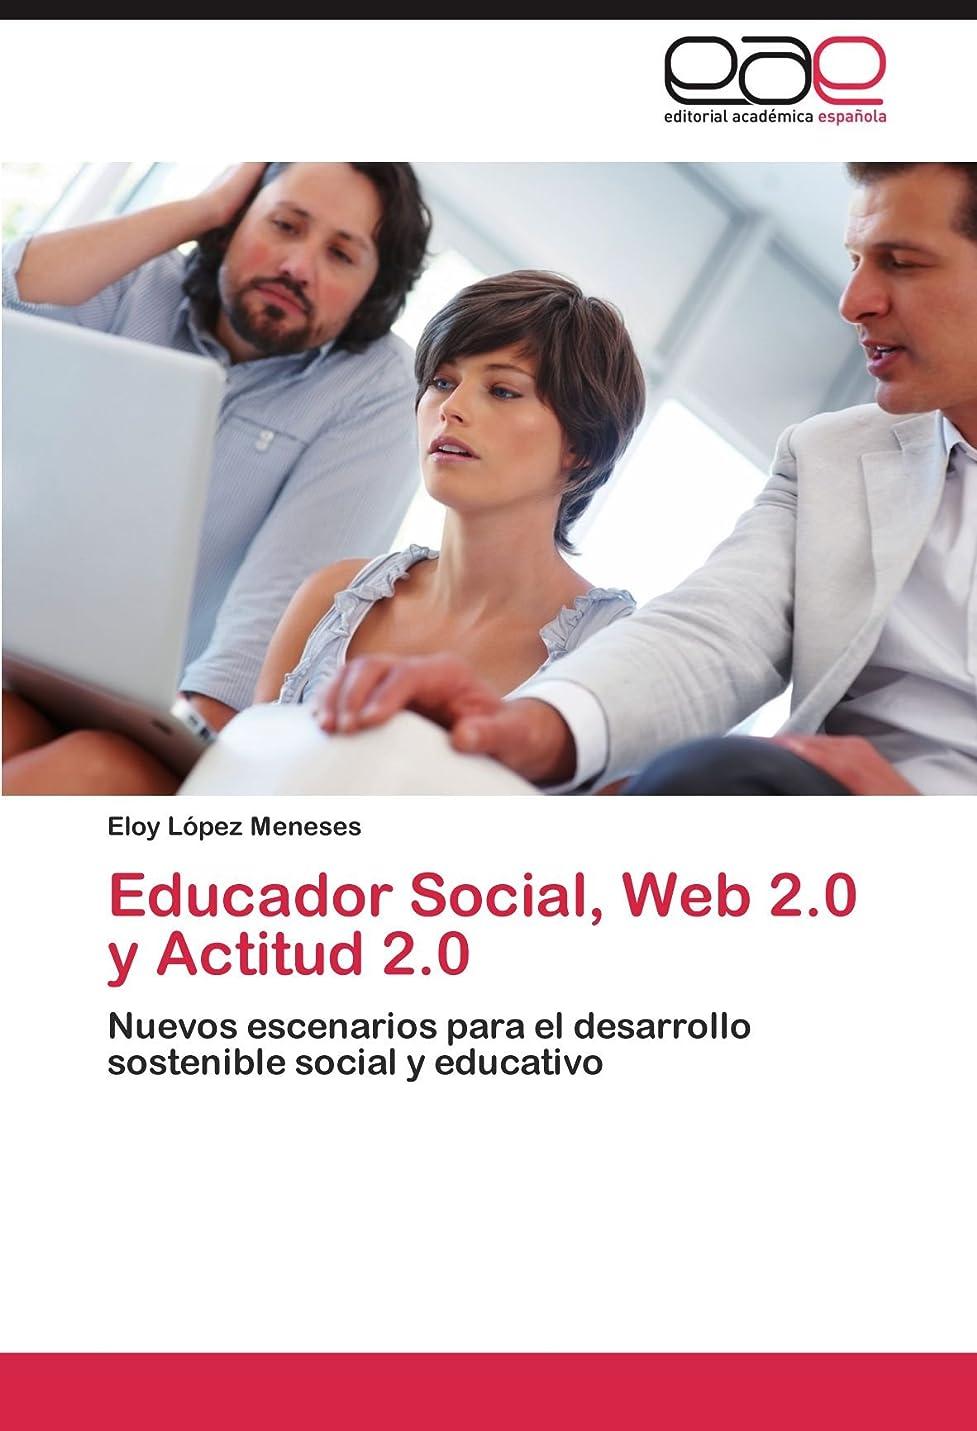 喪不当パレードEducador Social, Web 2.0 y Actitud 2.0